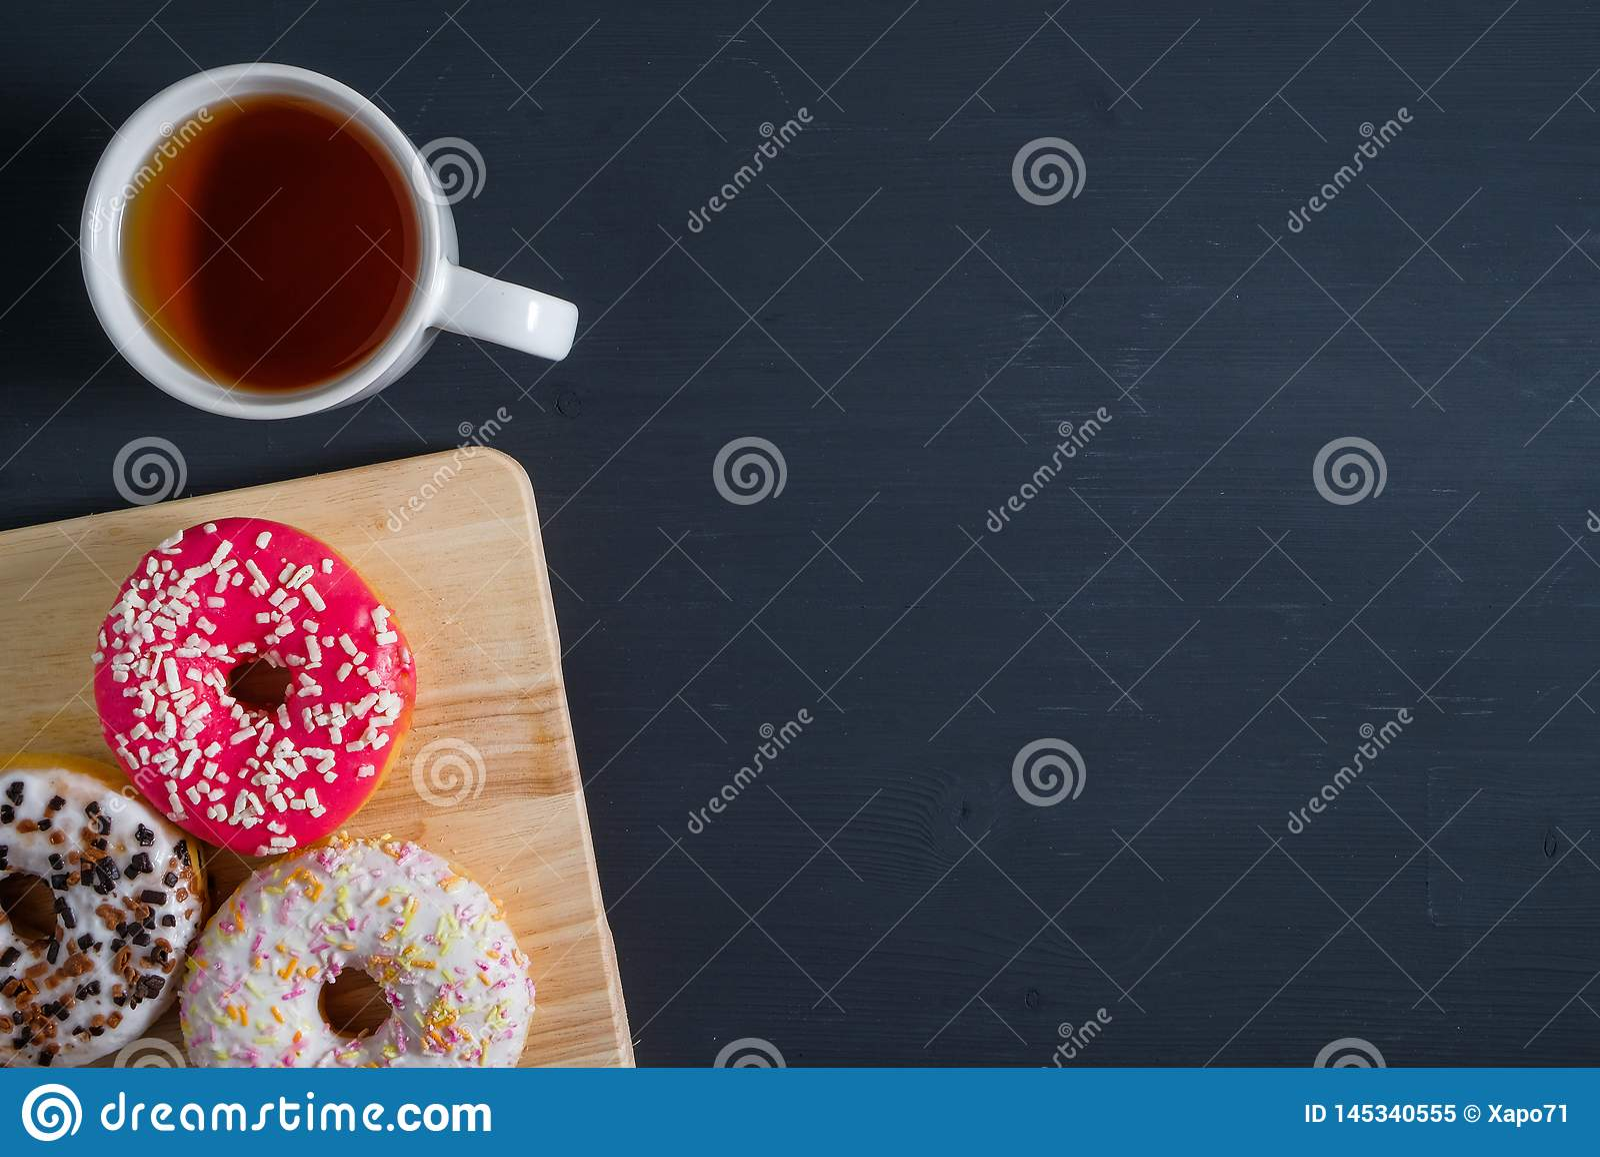 Wit, roze en bruin verglaasd donuts met kop thee in linkerkant op zwarte houten achtergrond